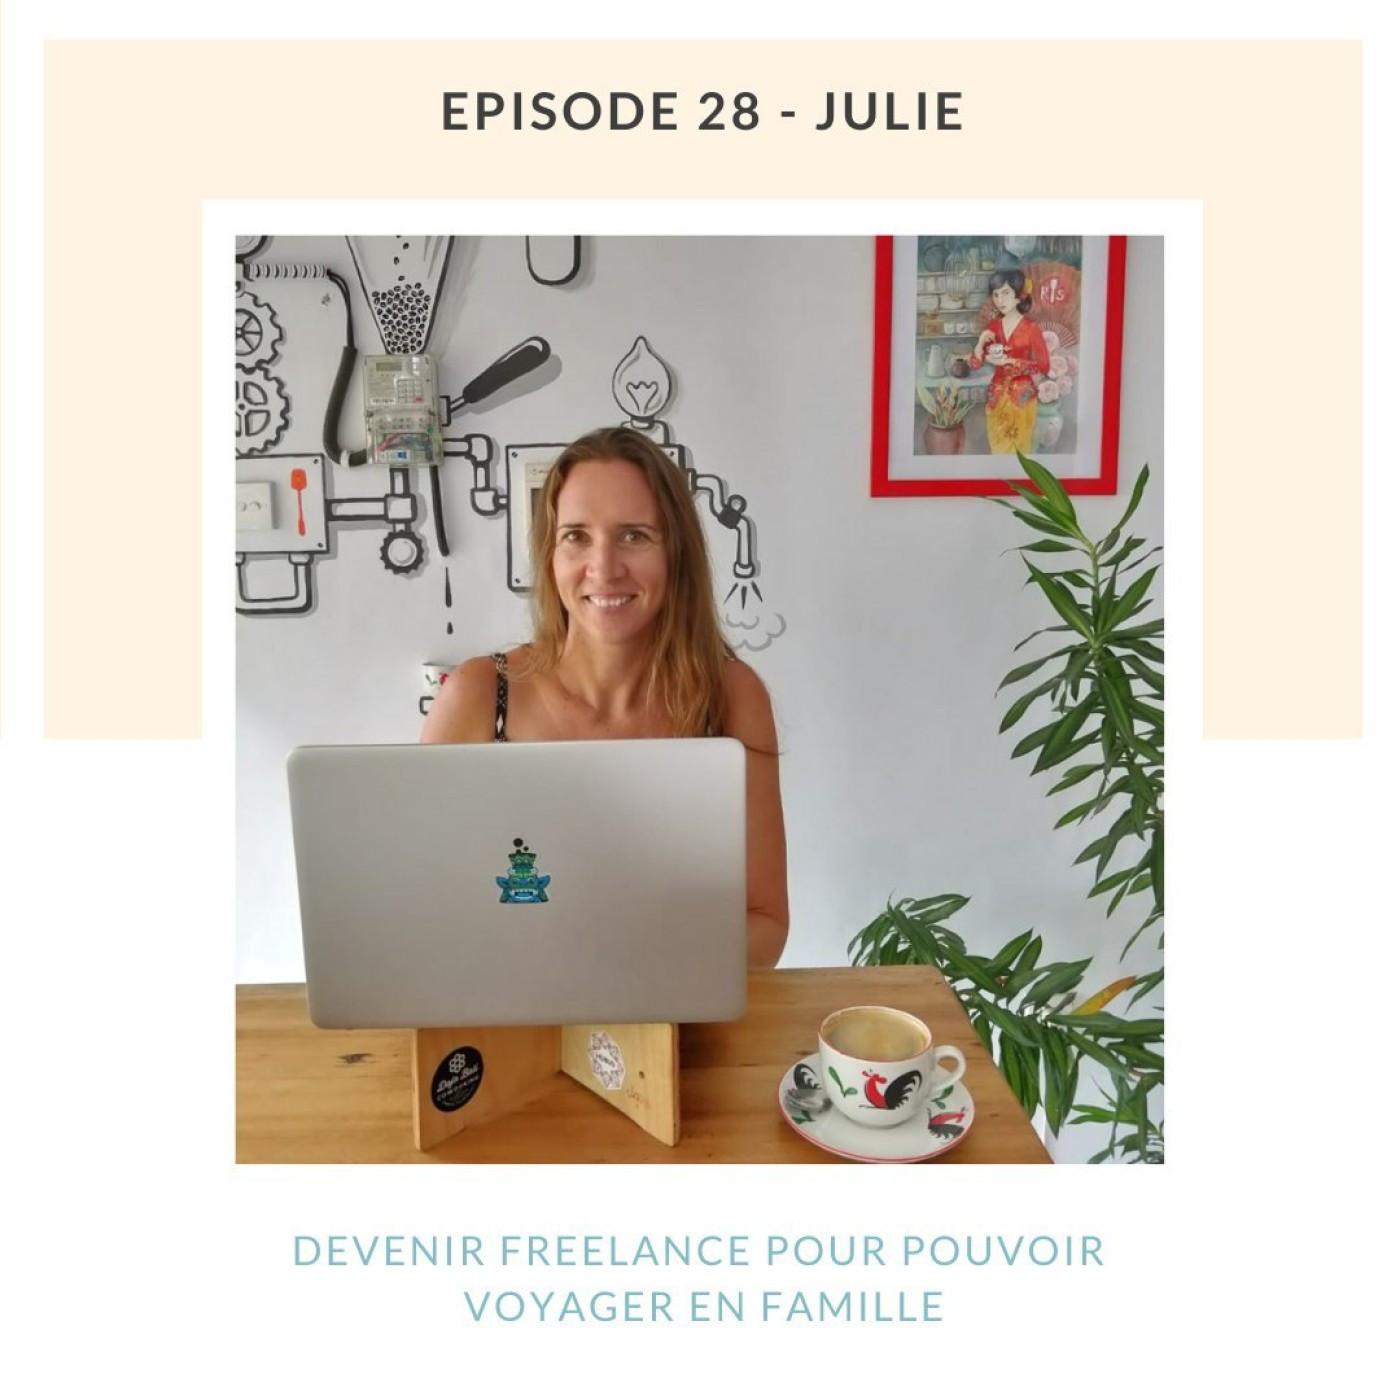 Julie, devenir freelance pour voyager en famille